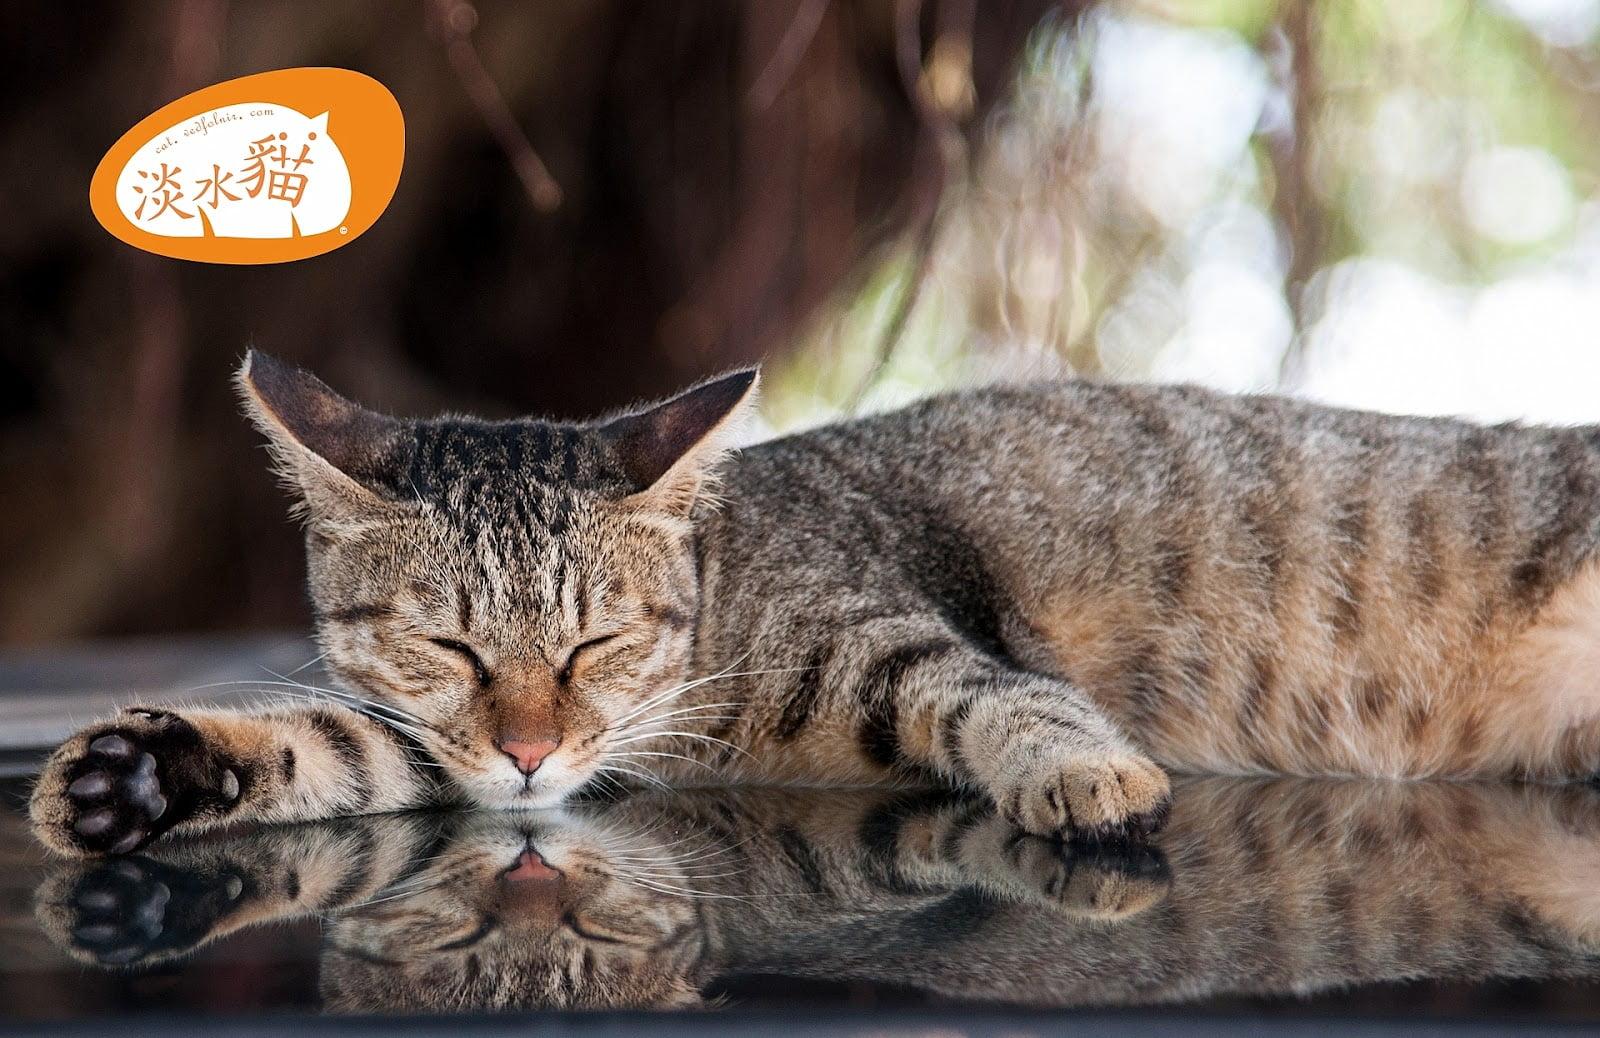 在淡水河岸的老街停車場上巧遇虎斑貓 淡水攝影 tiger cat sleep on car at tamsui old street riverside 1